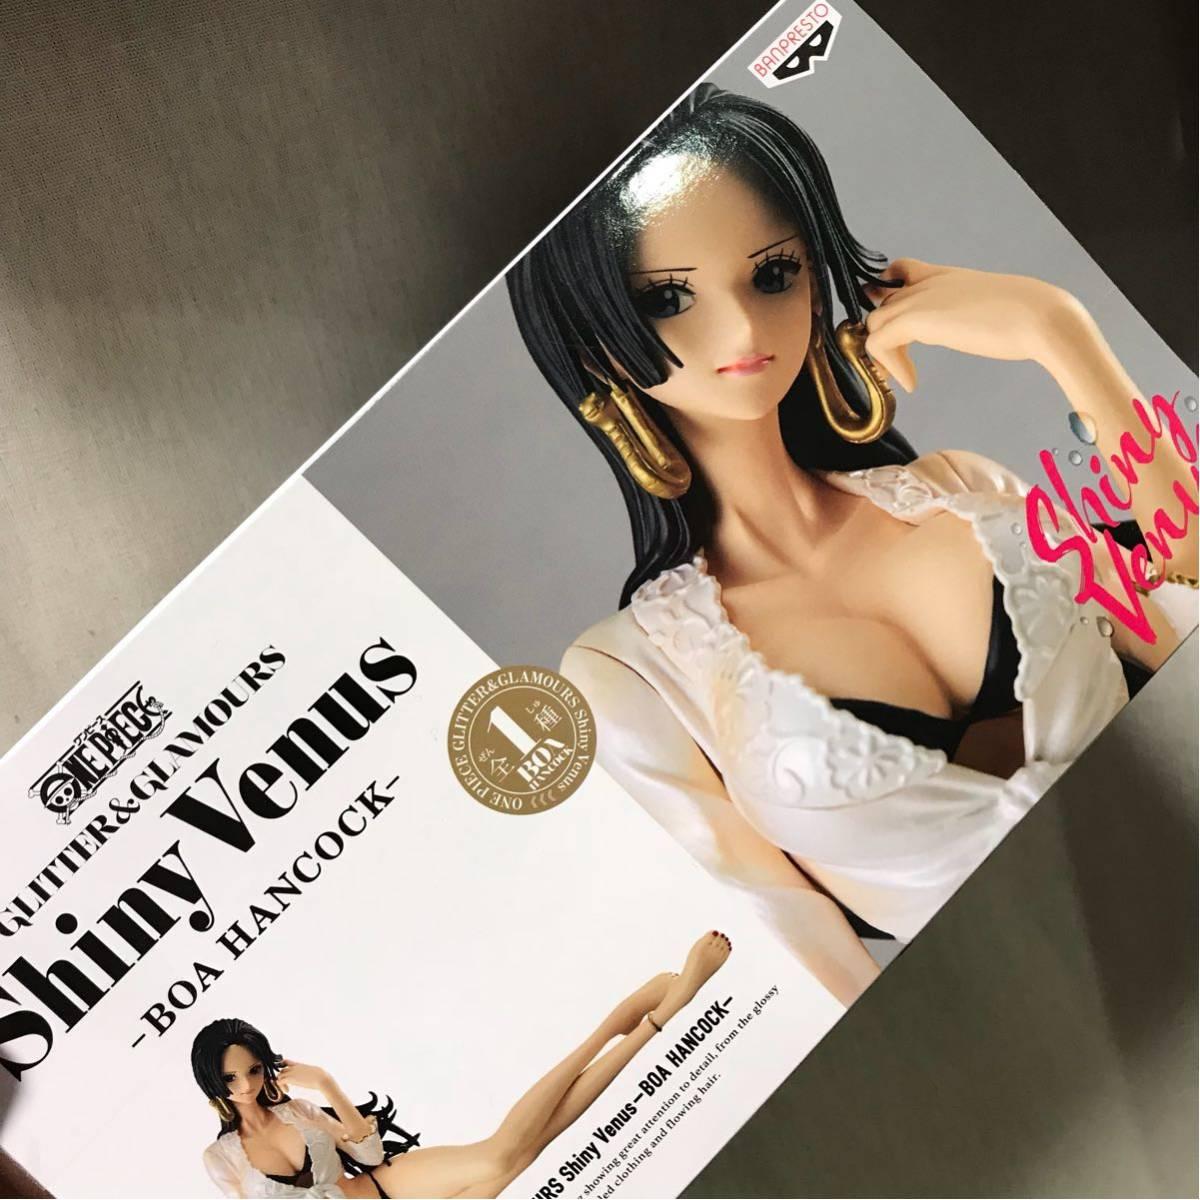 ワンピース GLITTER&GLAMOURS Shiny Venus-BOA HANCOCK- ボア・ハンコック フィギュア 新品未開封 ONE PIECE バンプレスト クレーン_画像2